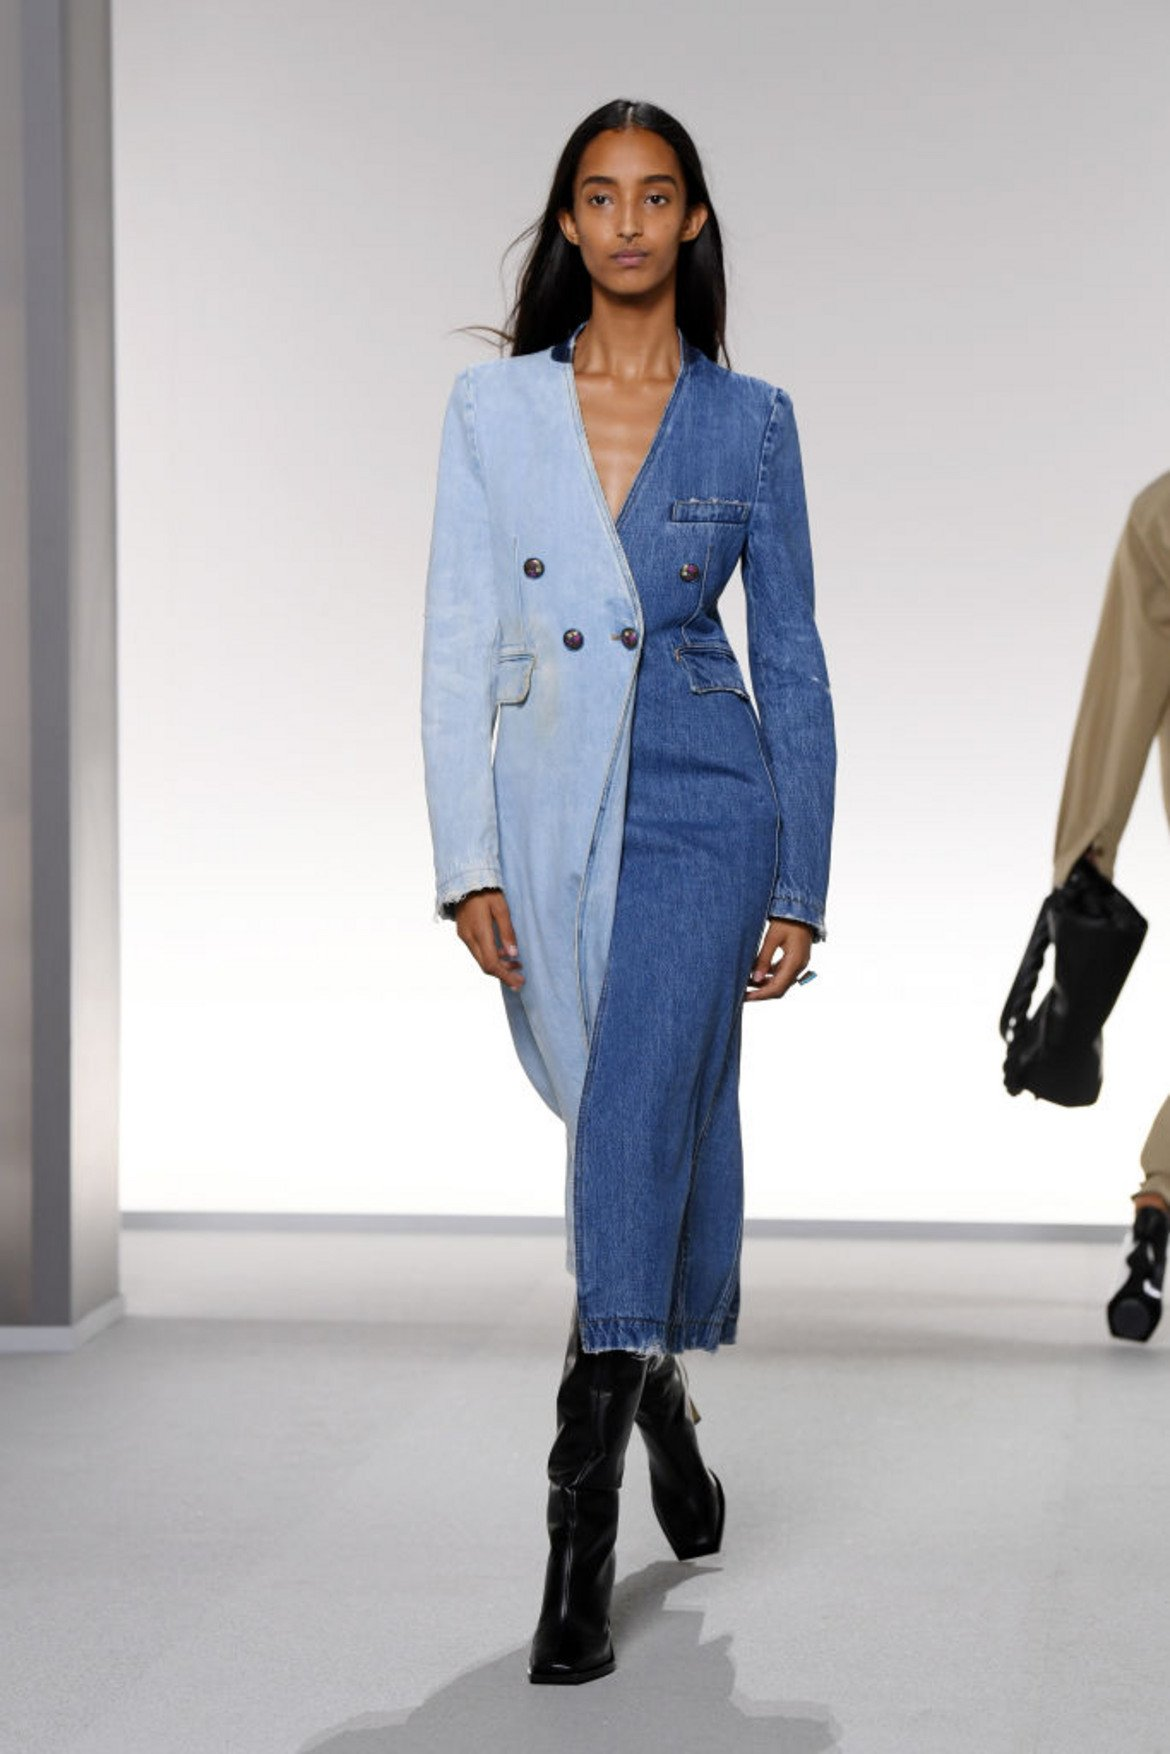 Избелял деним (Faded denim)  Помните избелелите дънки, нали? Удобни и винаги лесни за съчетаване. Именно те вдъхновяват и един от цветовете тази пролет.   Mодел на Givenchy от колекцията пролет/лято 2020, представена на Парижката модна седмица през септември 2019 г.